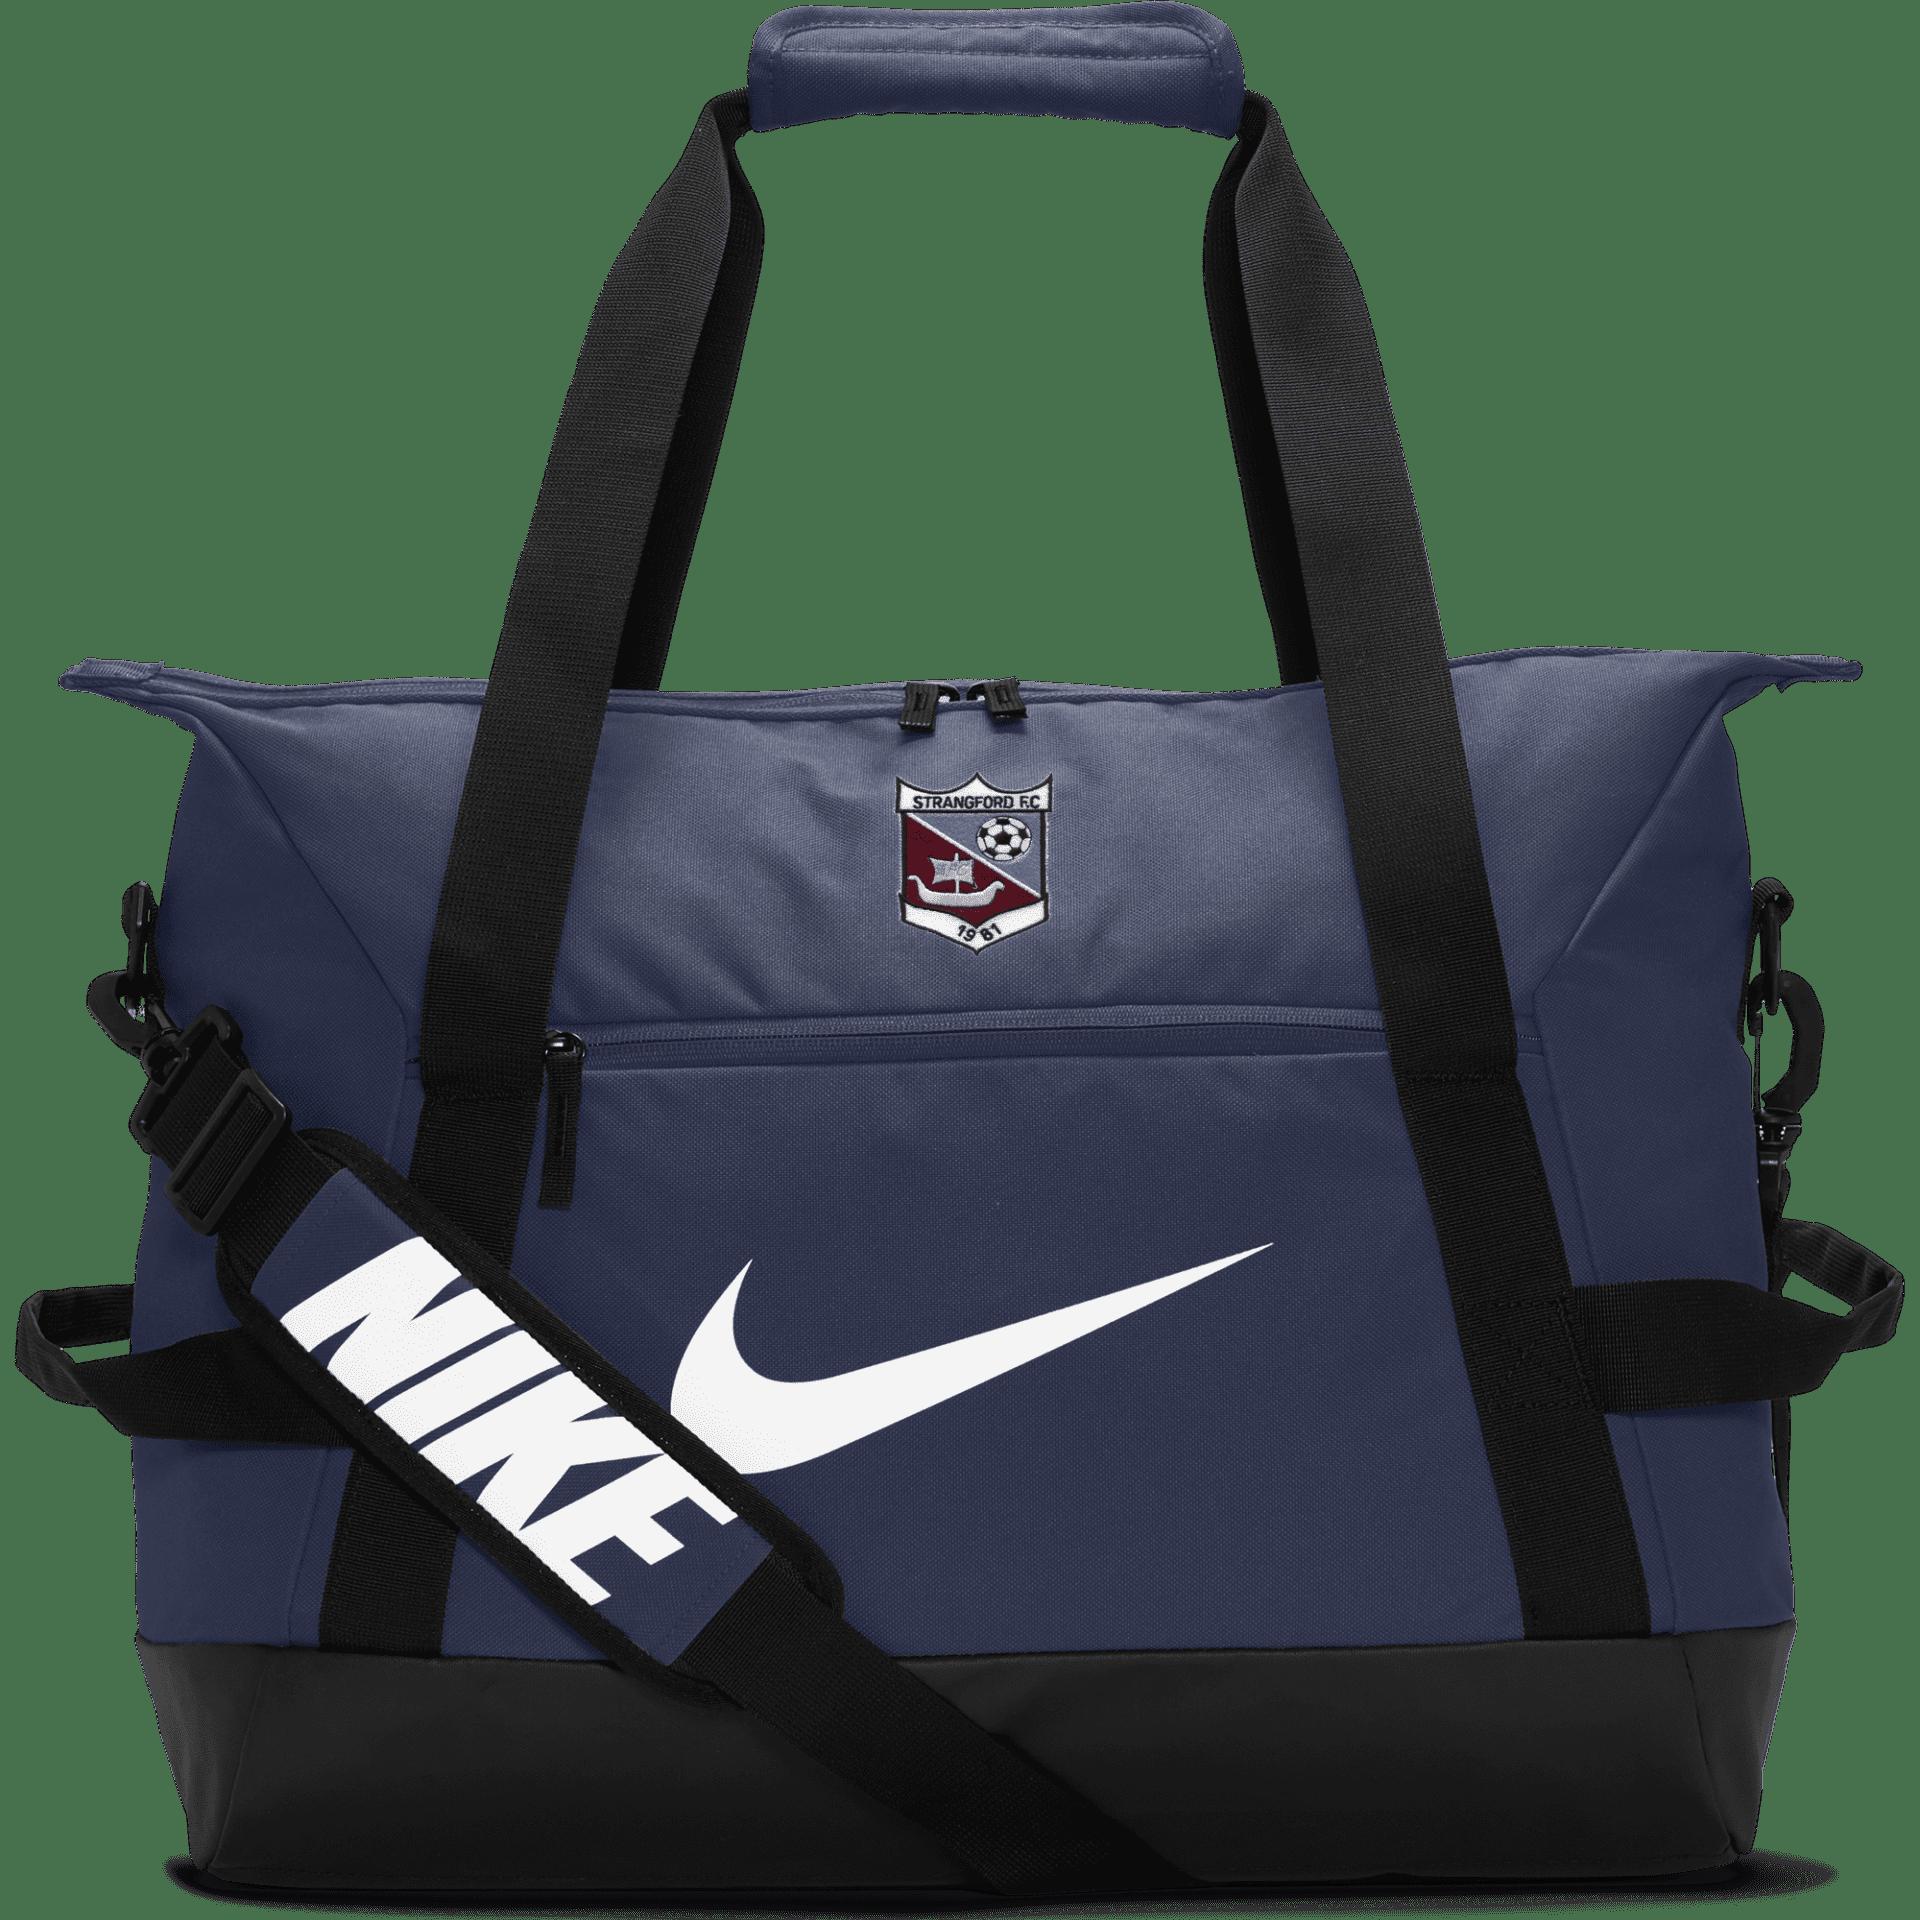 strangford duffel bag 31787 1 p